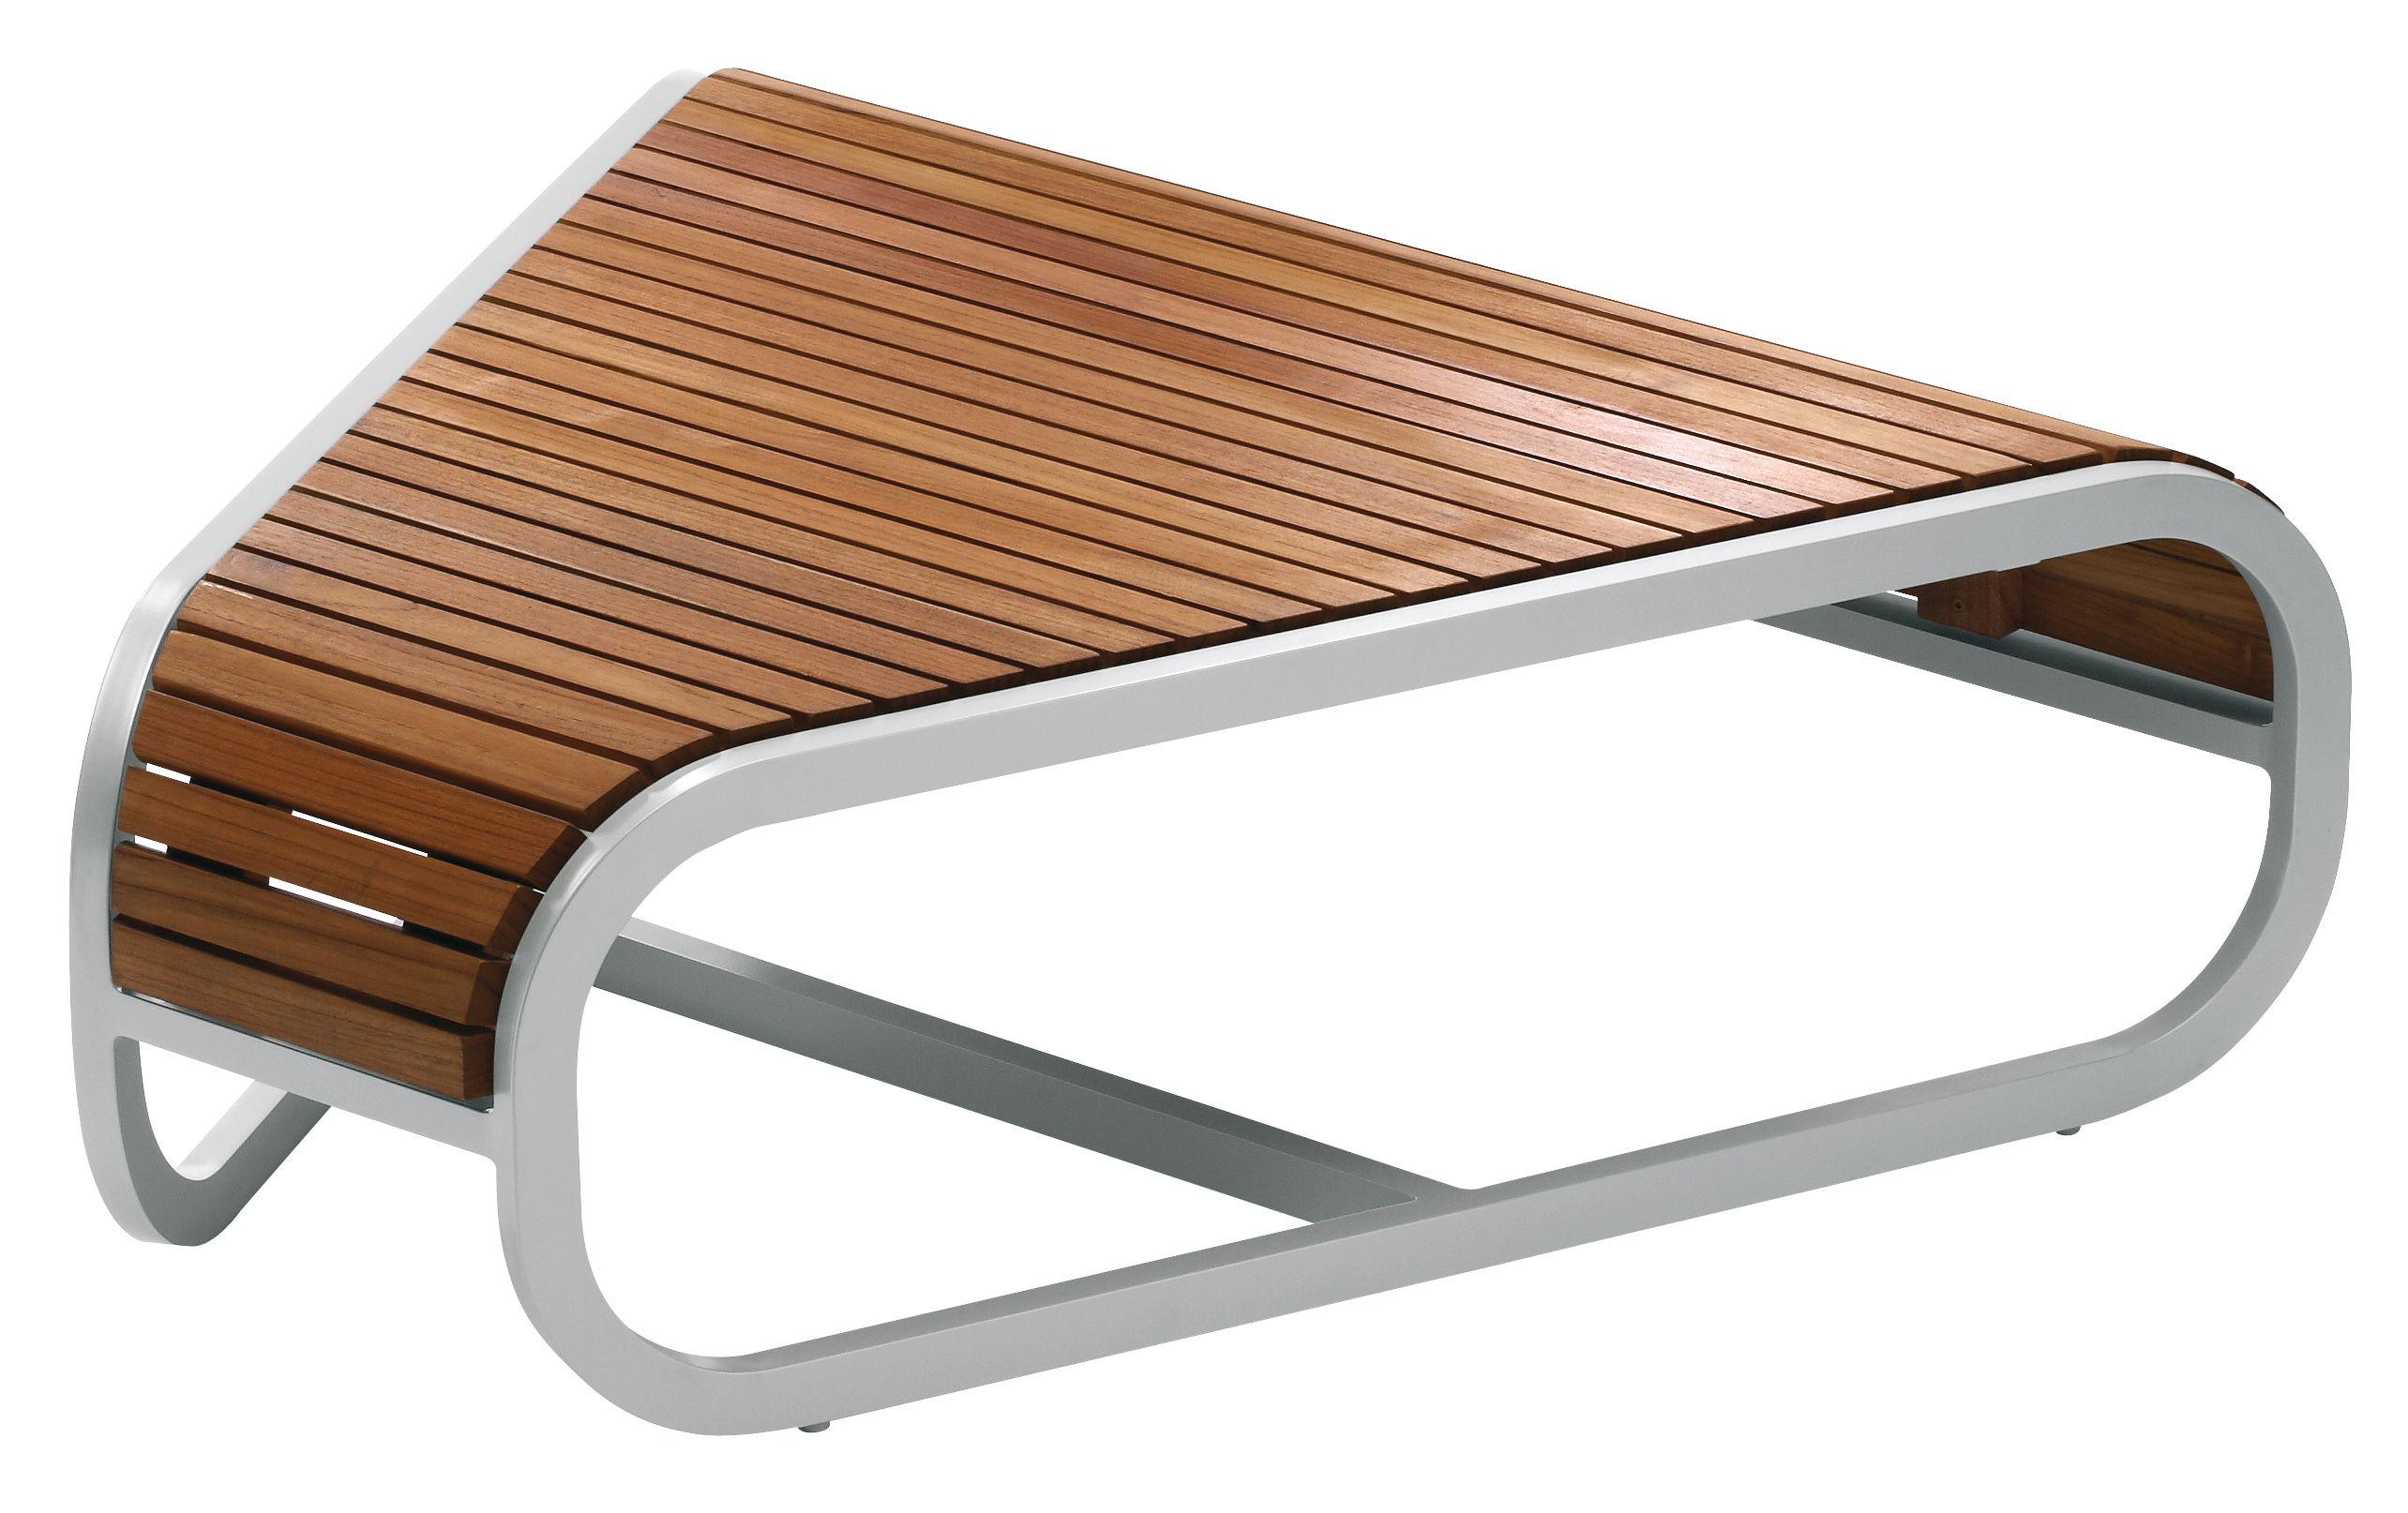 table basse tandem module d 39 angle version teck teck ego. Black Bedroom Furniture Sets. Home Design Ideas